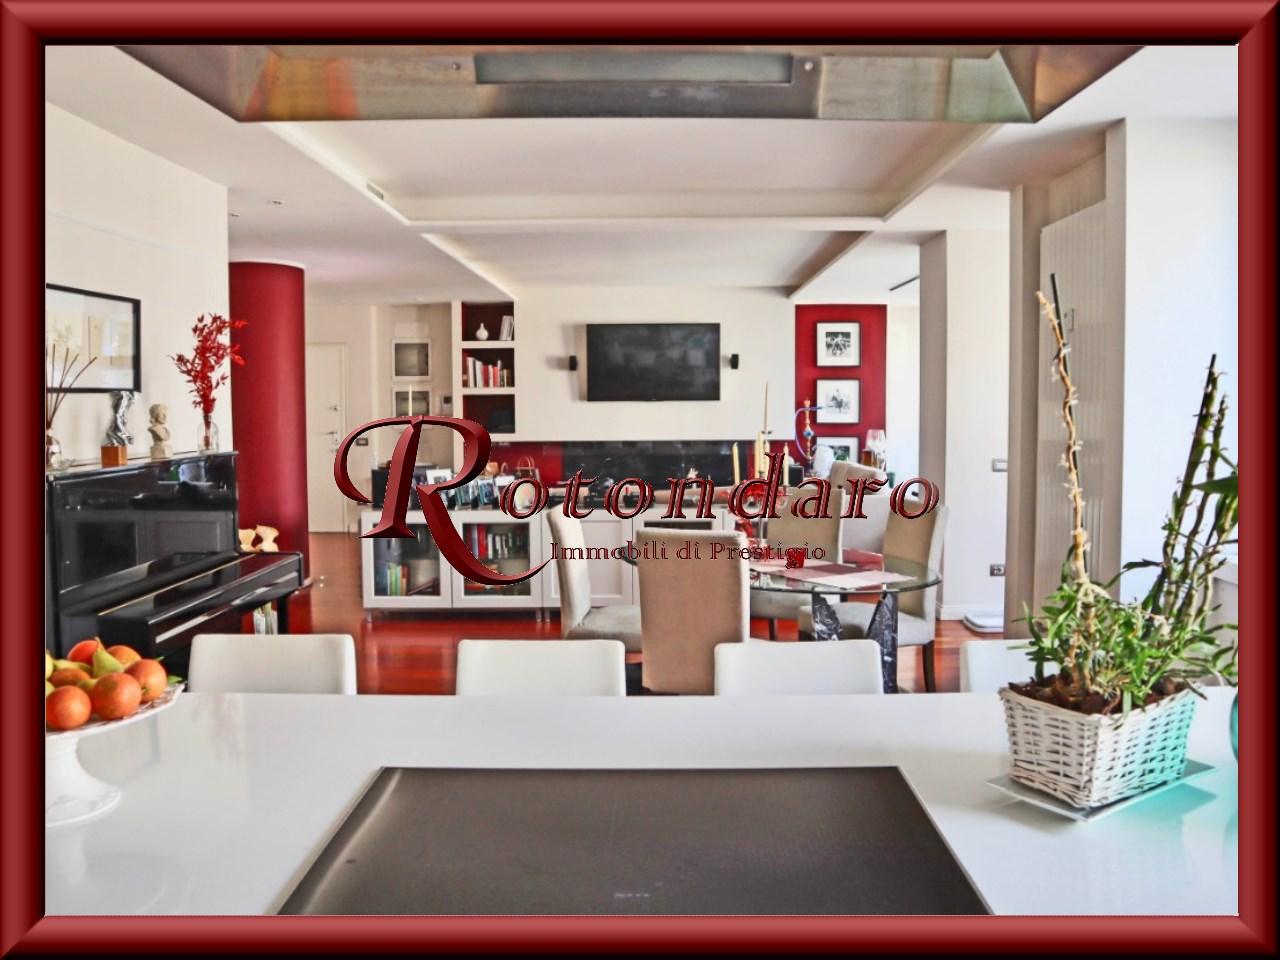 Buenos Aires, Indipendenza, P.ta Venezia  Appartamento in Vendita